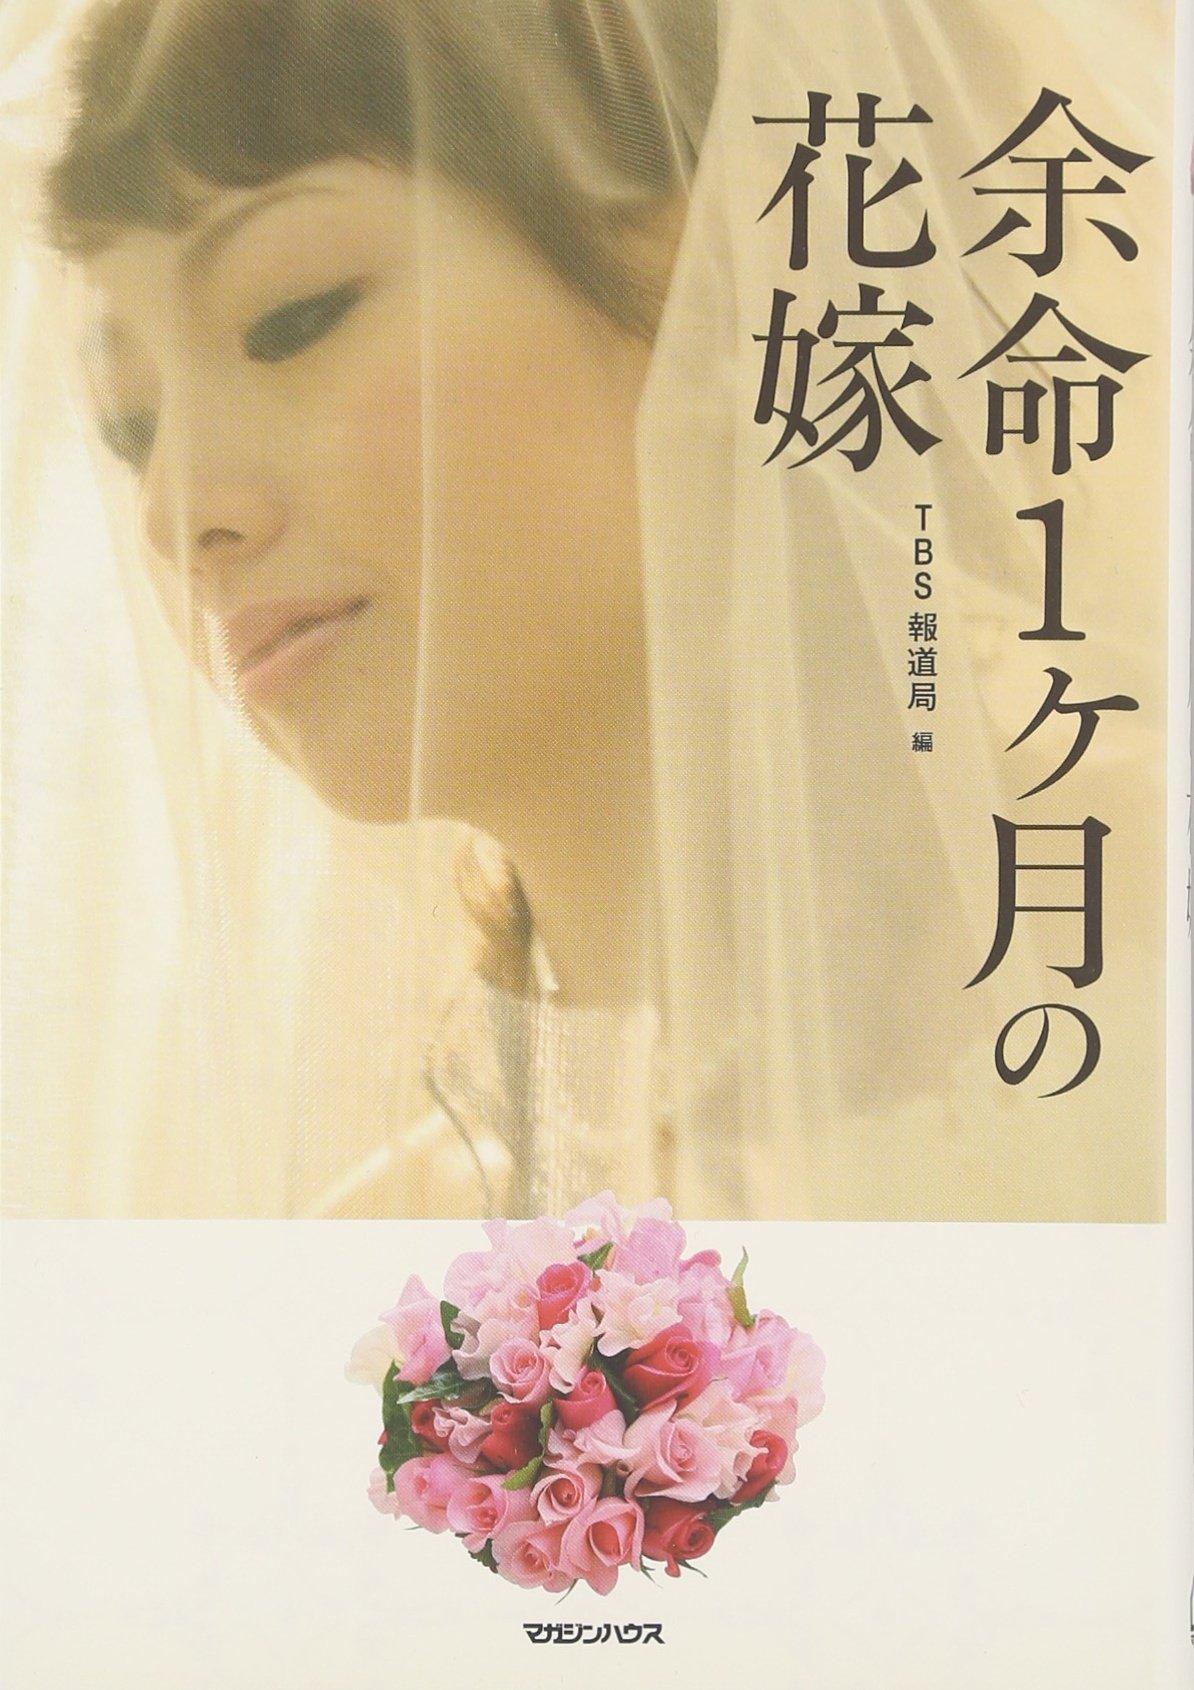 ヶ月 余命 の 花嫁 一